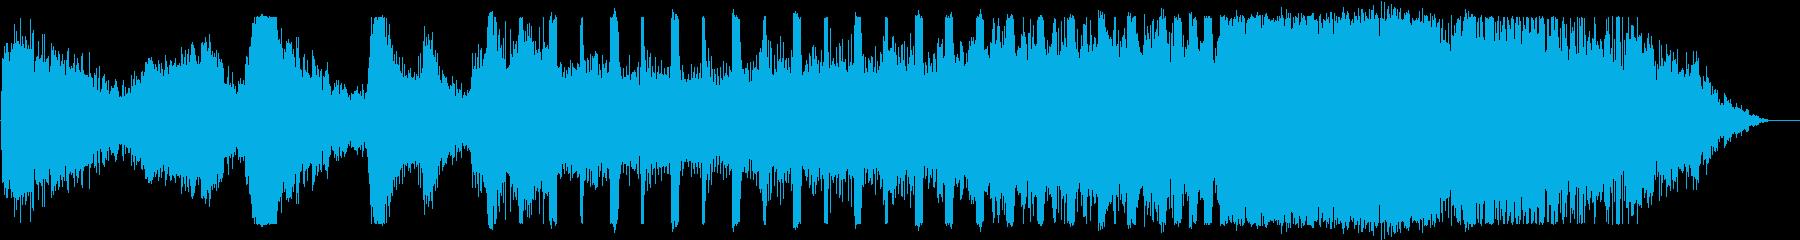 重いドアが開いていくイメージのBGMの再生済みの波形